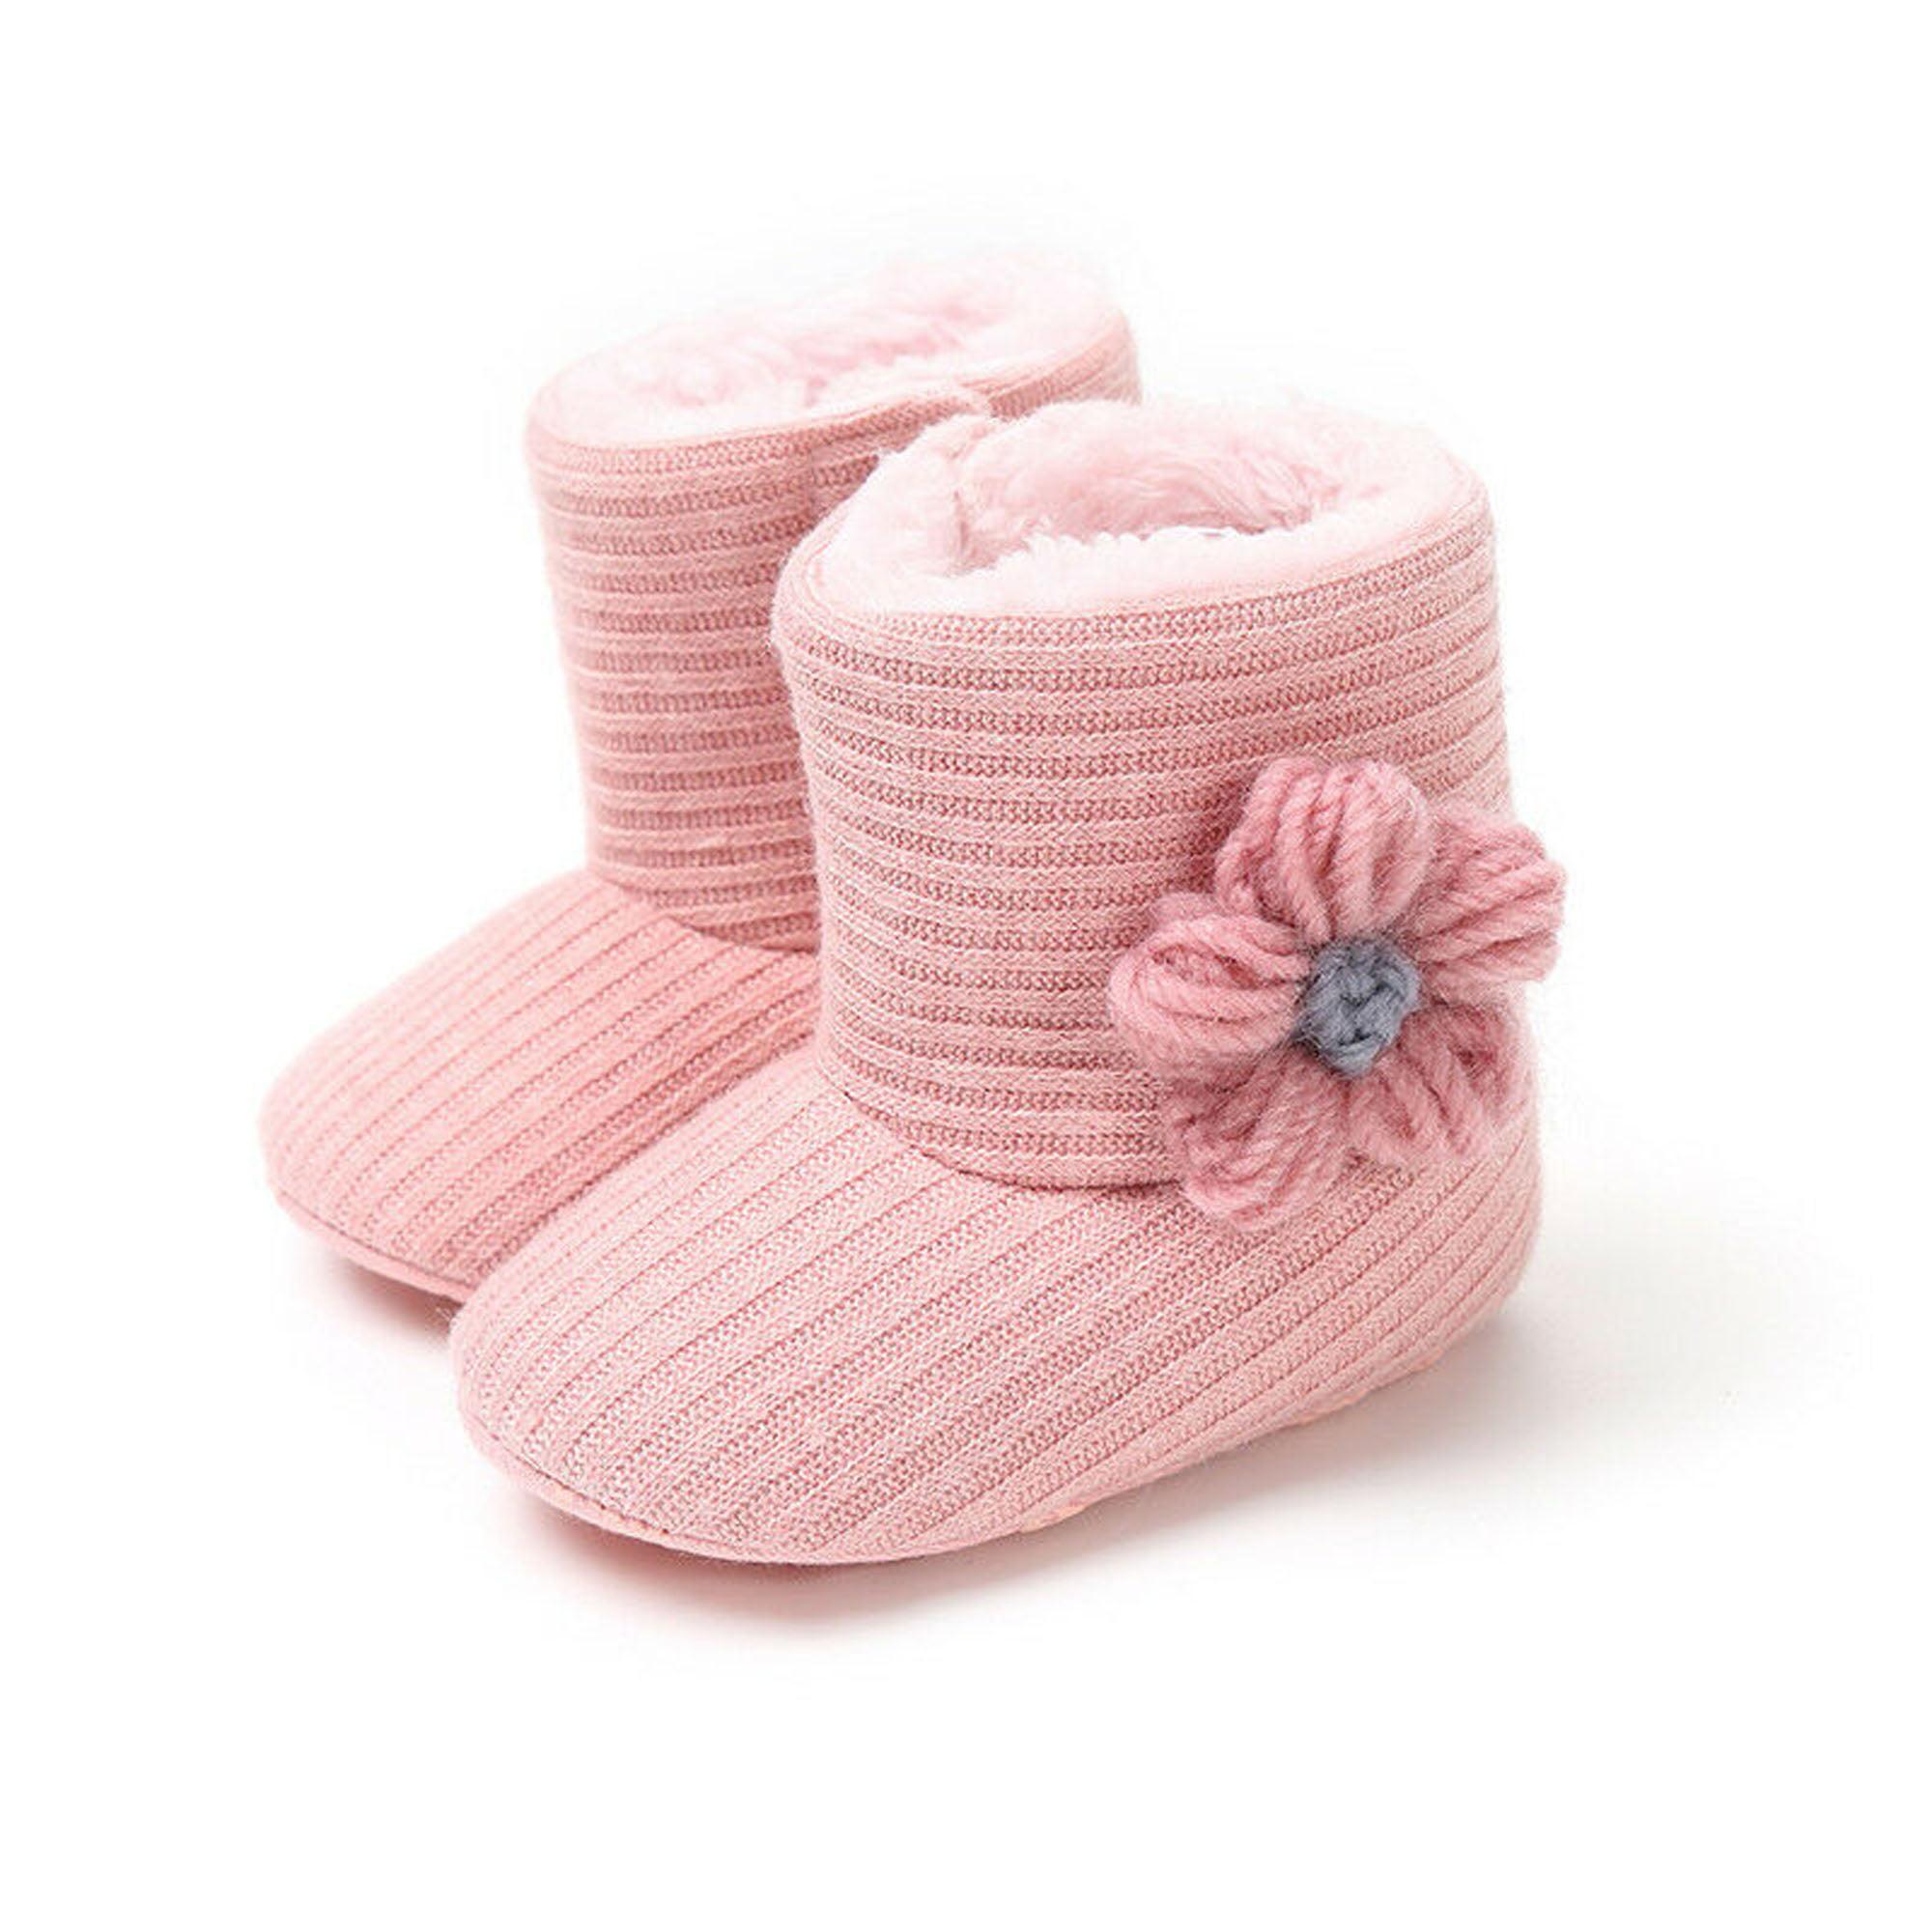 Bagilaanoe - Baby Boy Girl Boots Shoes